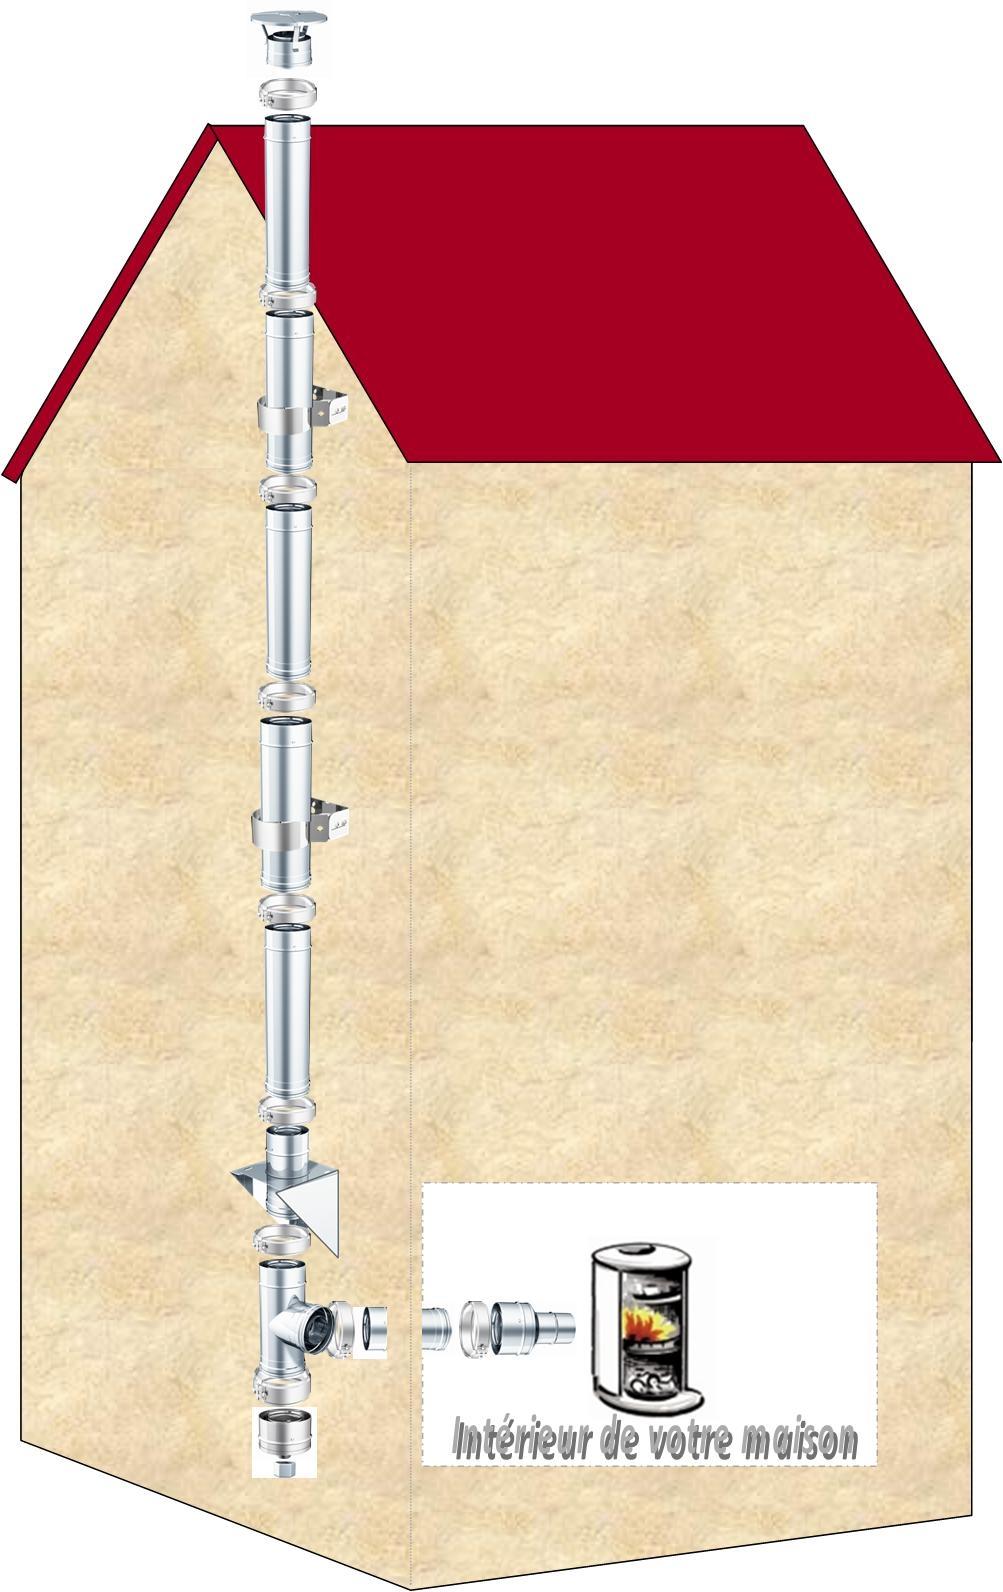 Cache Pour Conduit De Cheminée kit n°24 - longueur 5 ml - Ø 200mm - réf. - conduits de